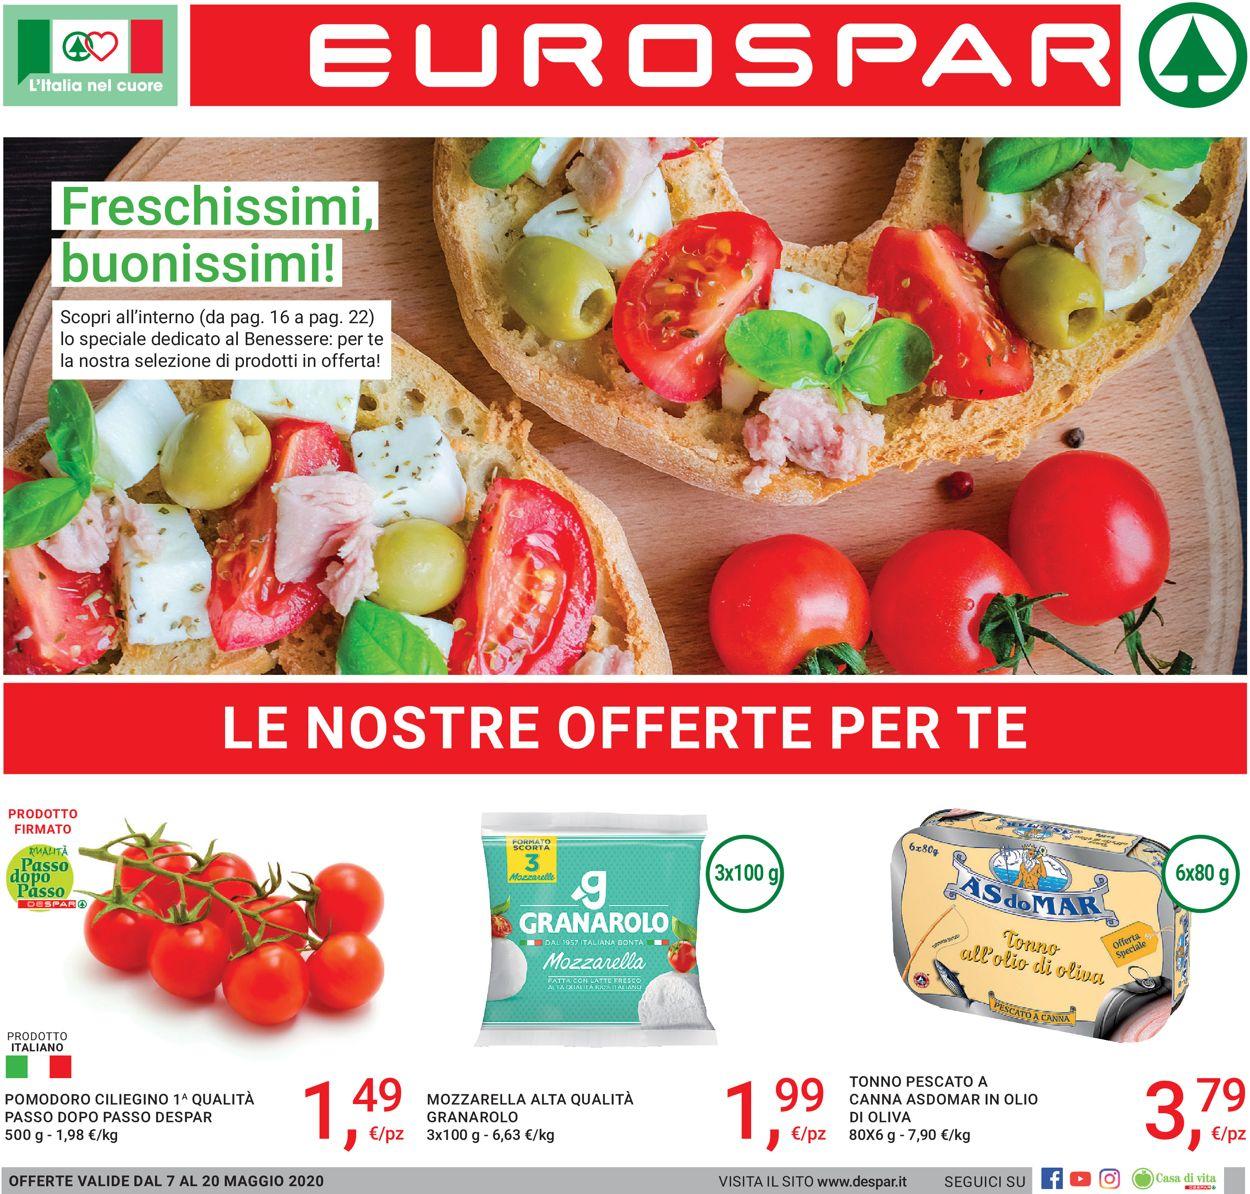 Volantino Eurospar - Offerte 07/05-20/05/2020